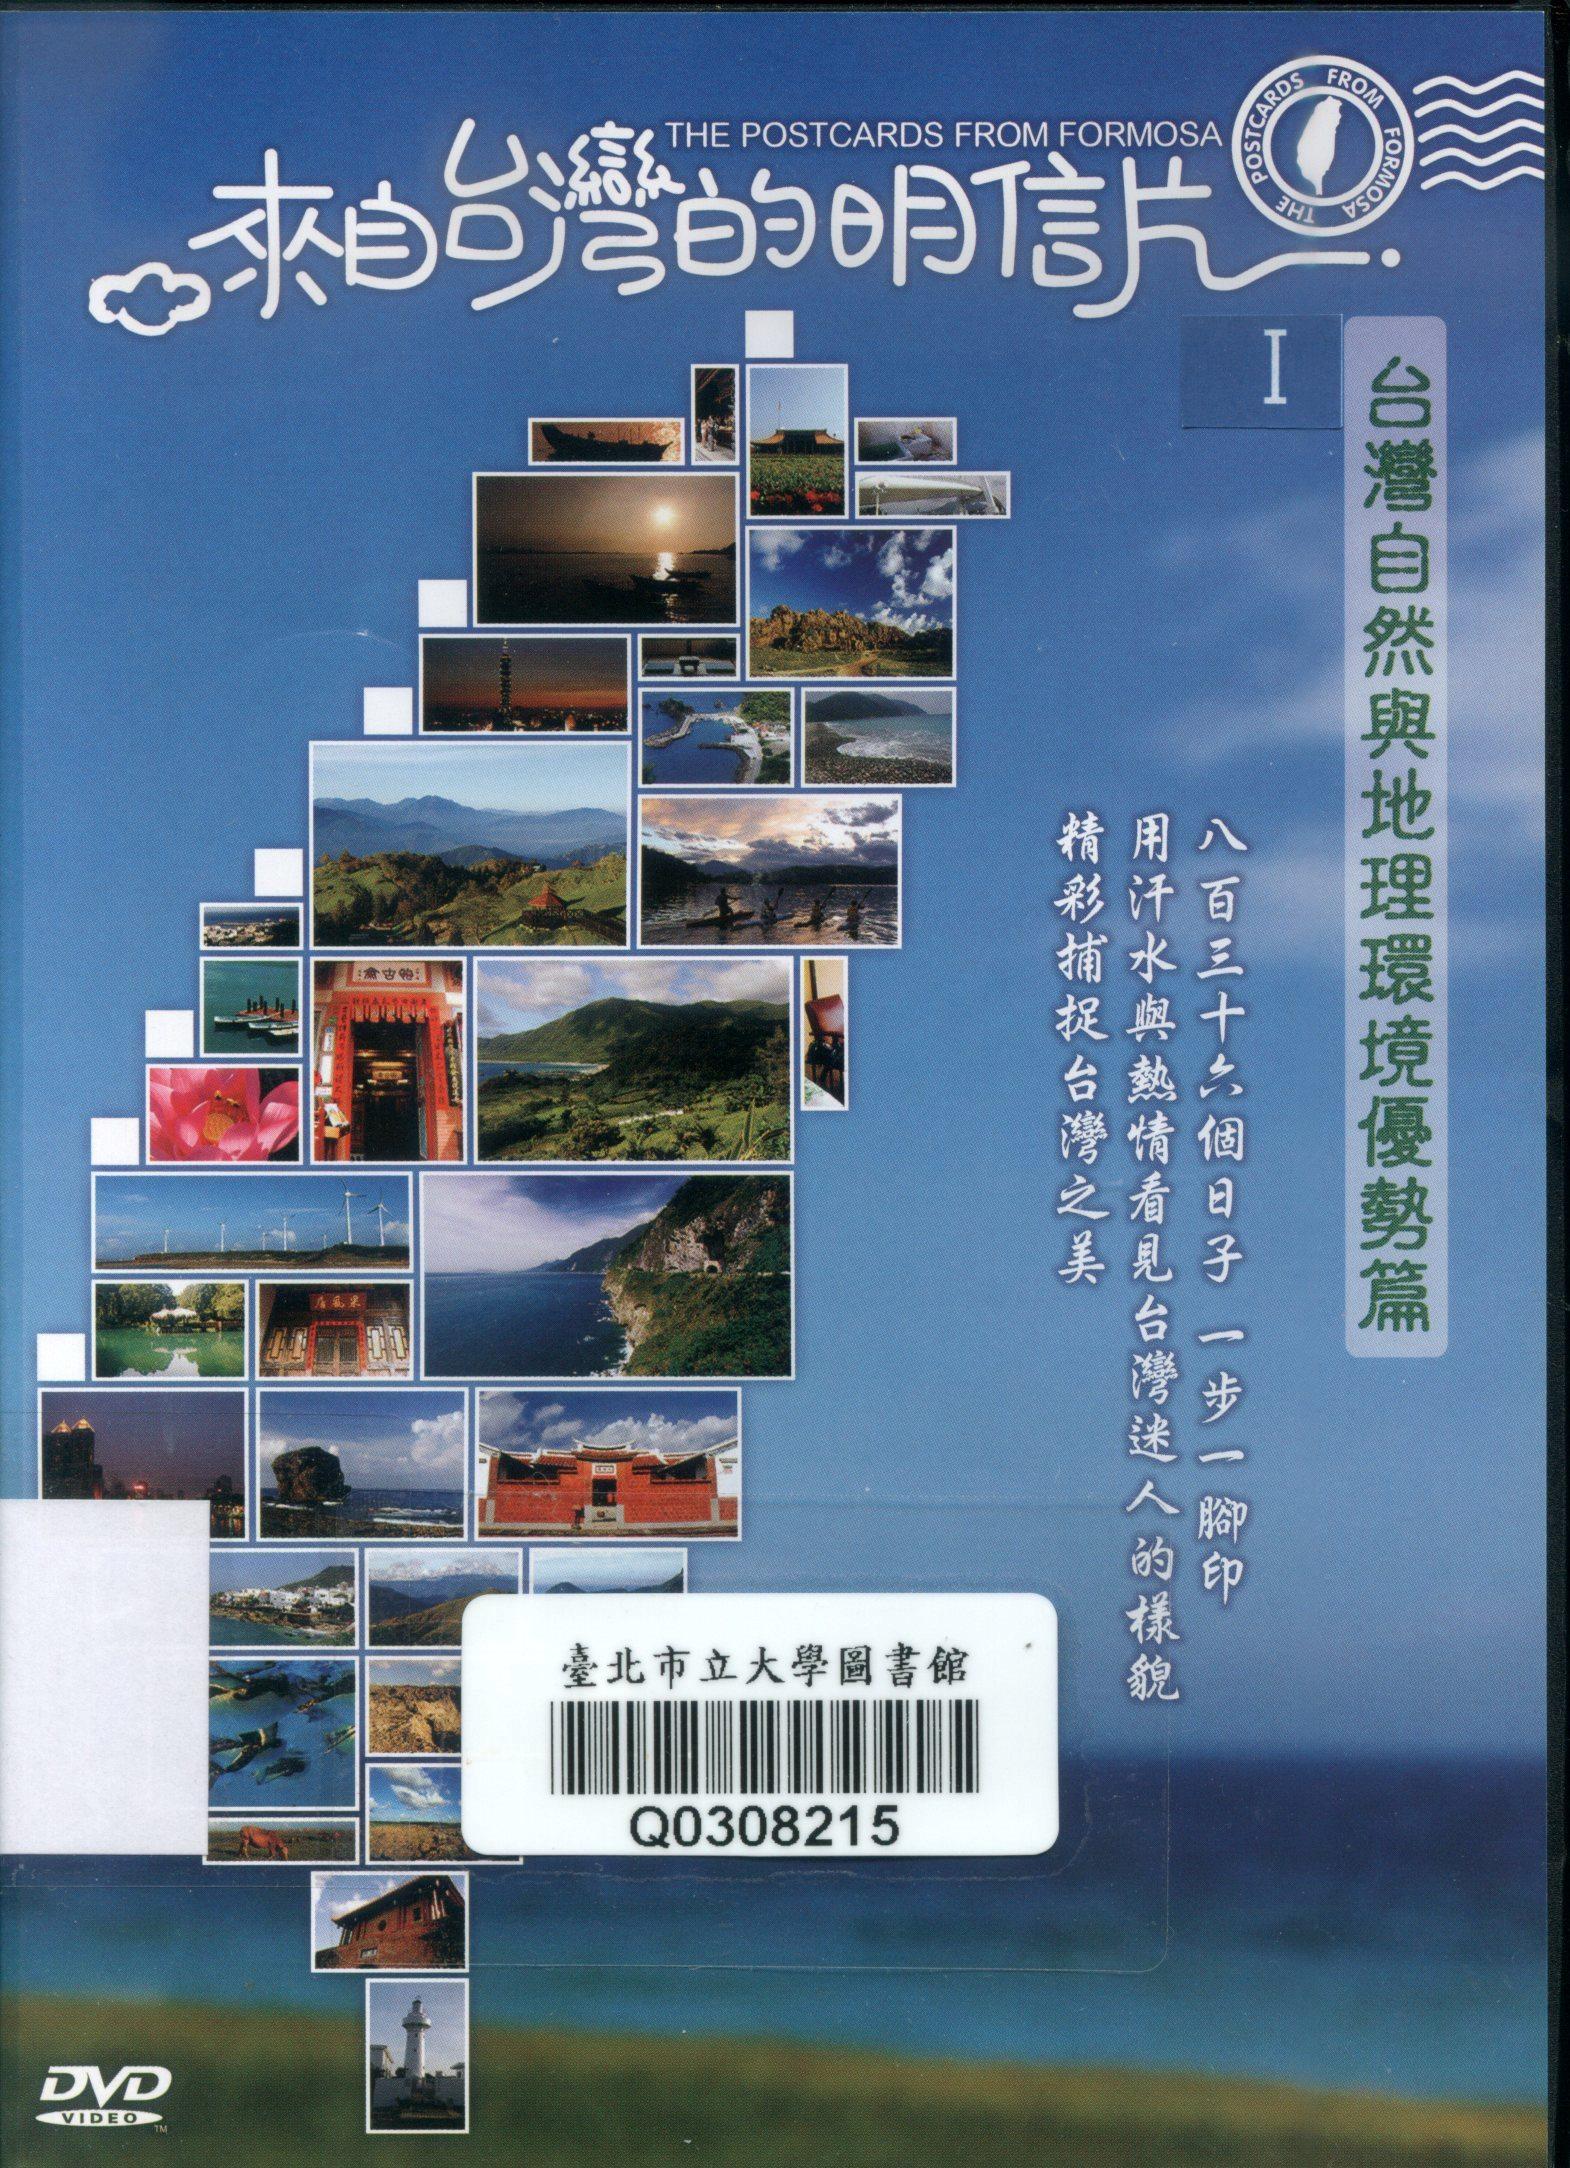 來自台灣的明信片III : 台灣歷史與古蹟建築篇